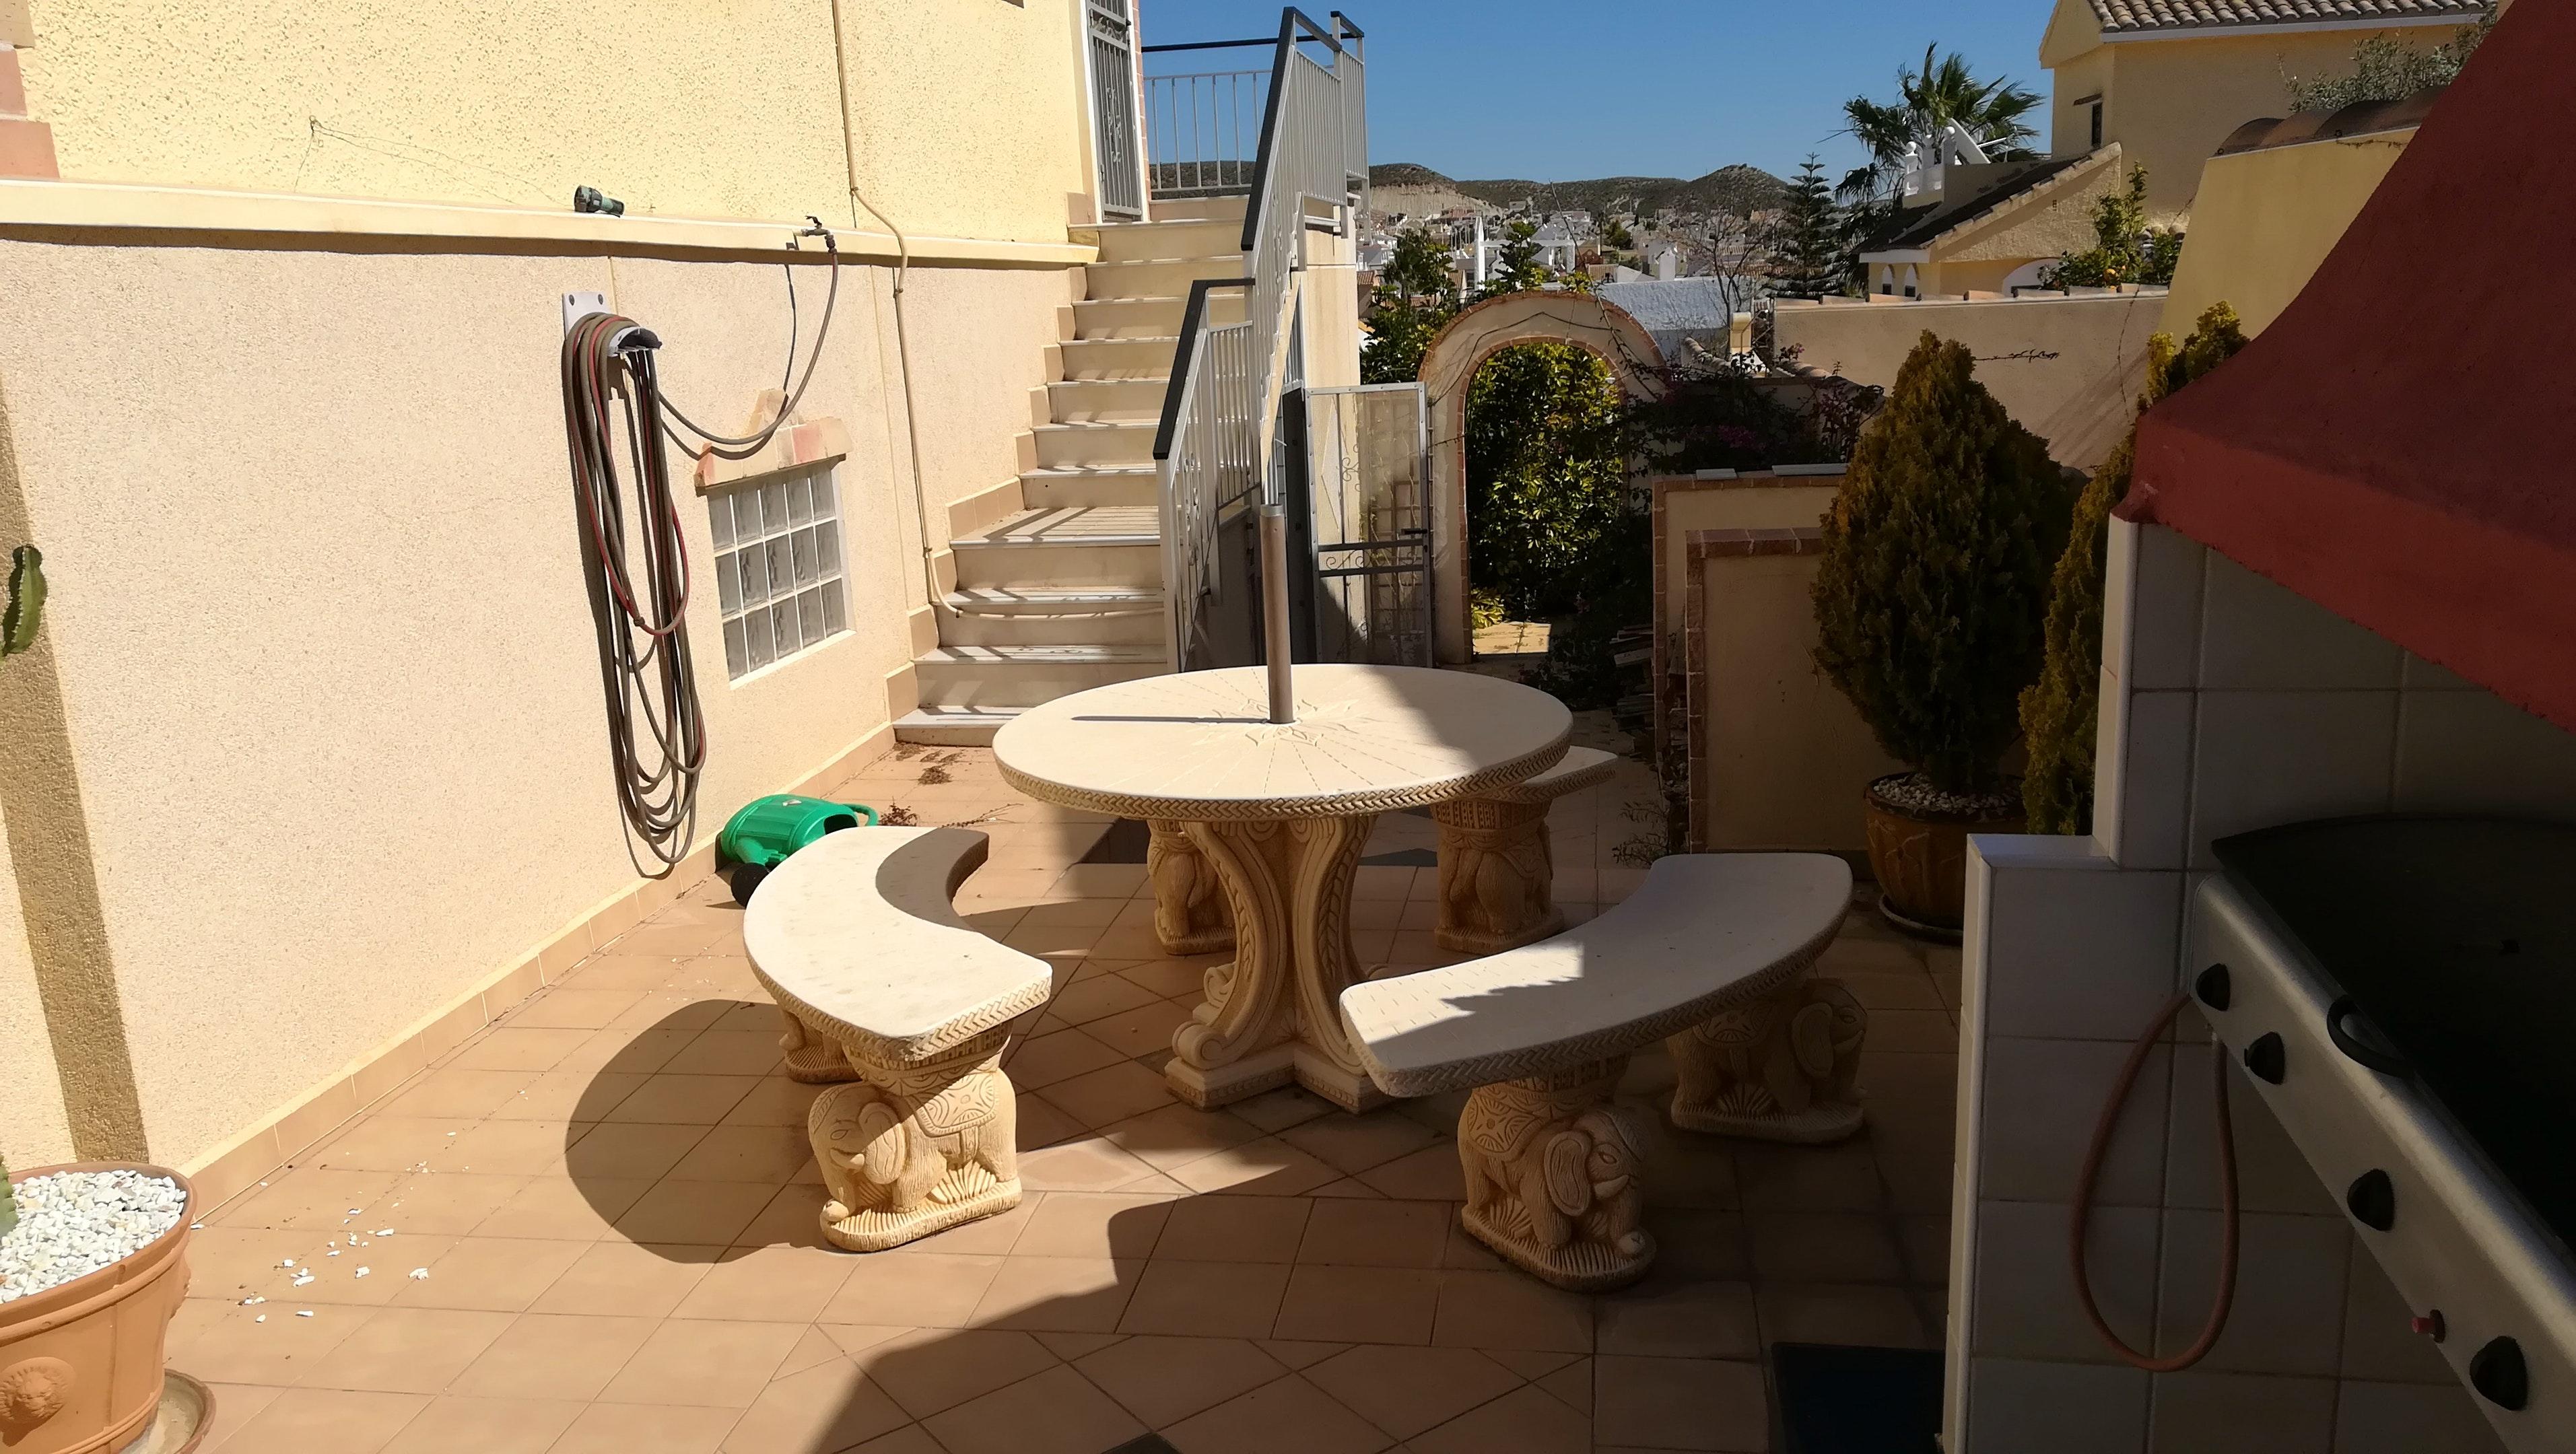 Appartement de vacances Wohnung mit 2 Schlafzimmern in Mazarrón mit toller Aussicht auf die Berge, privatem Pool,  (2632538), Mazarron, Costa Calida, Murcie, Espagne, image 28